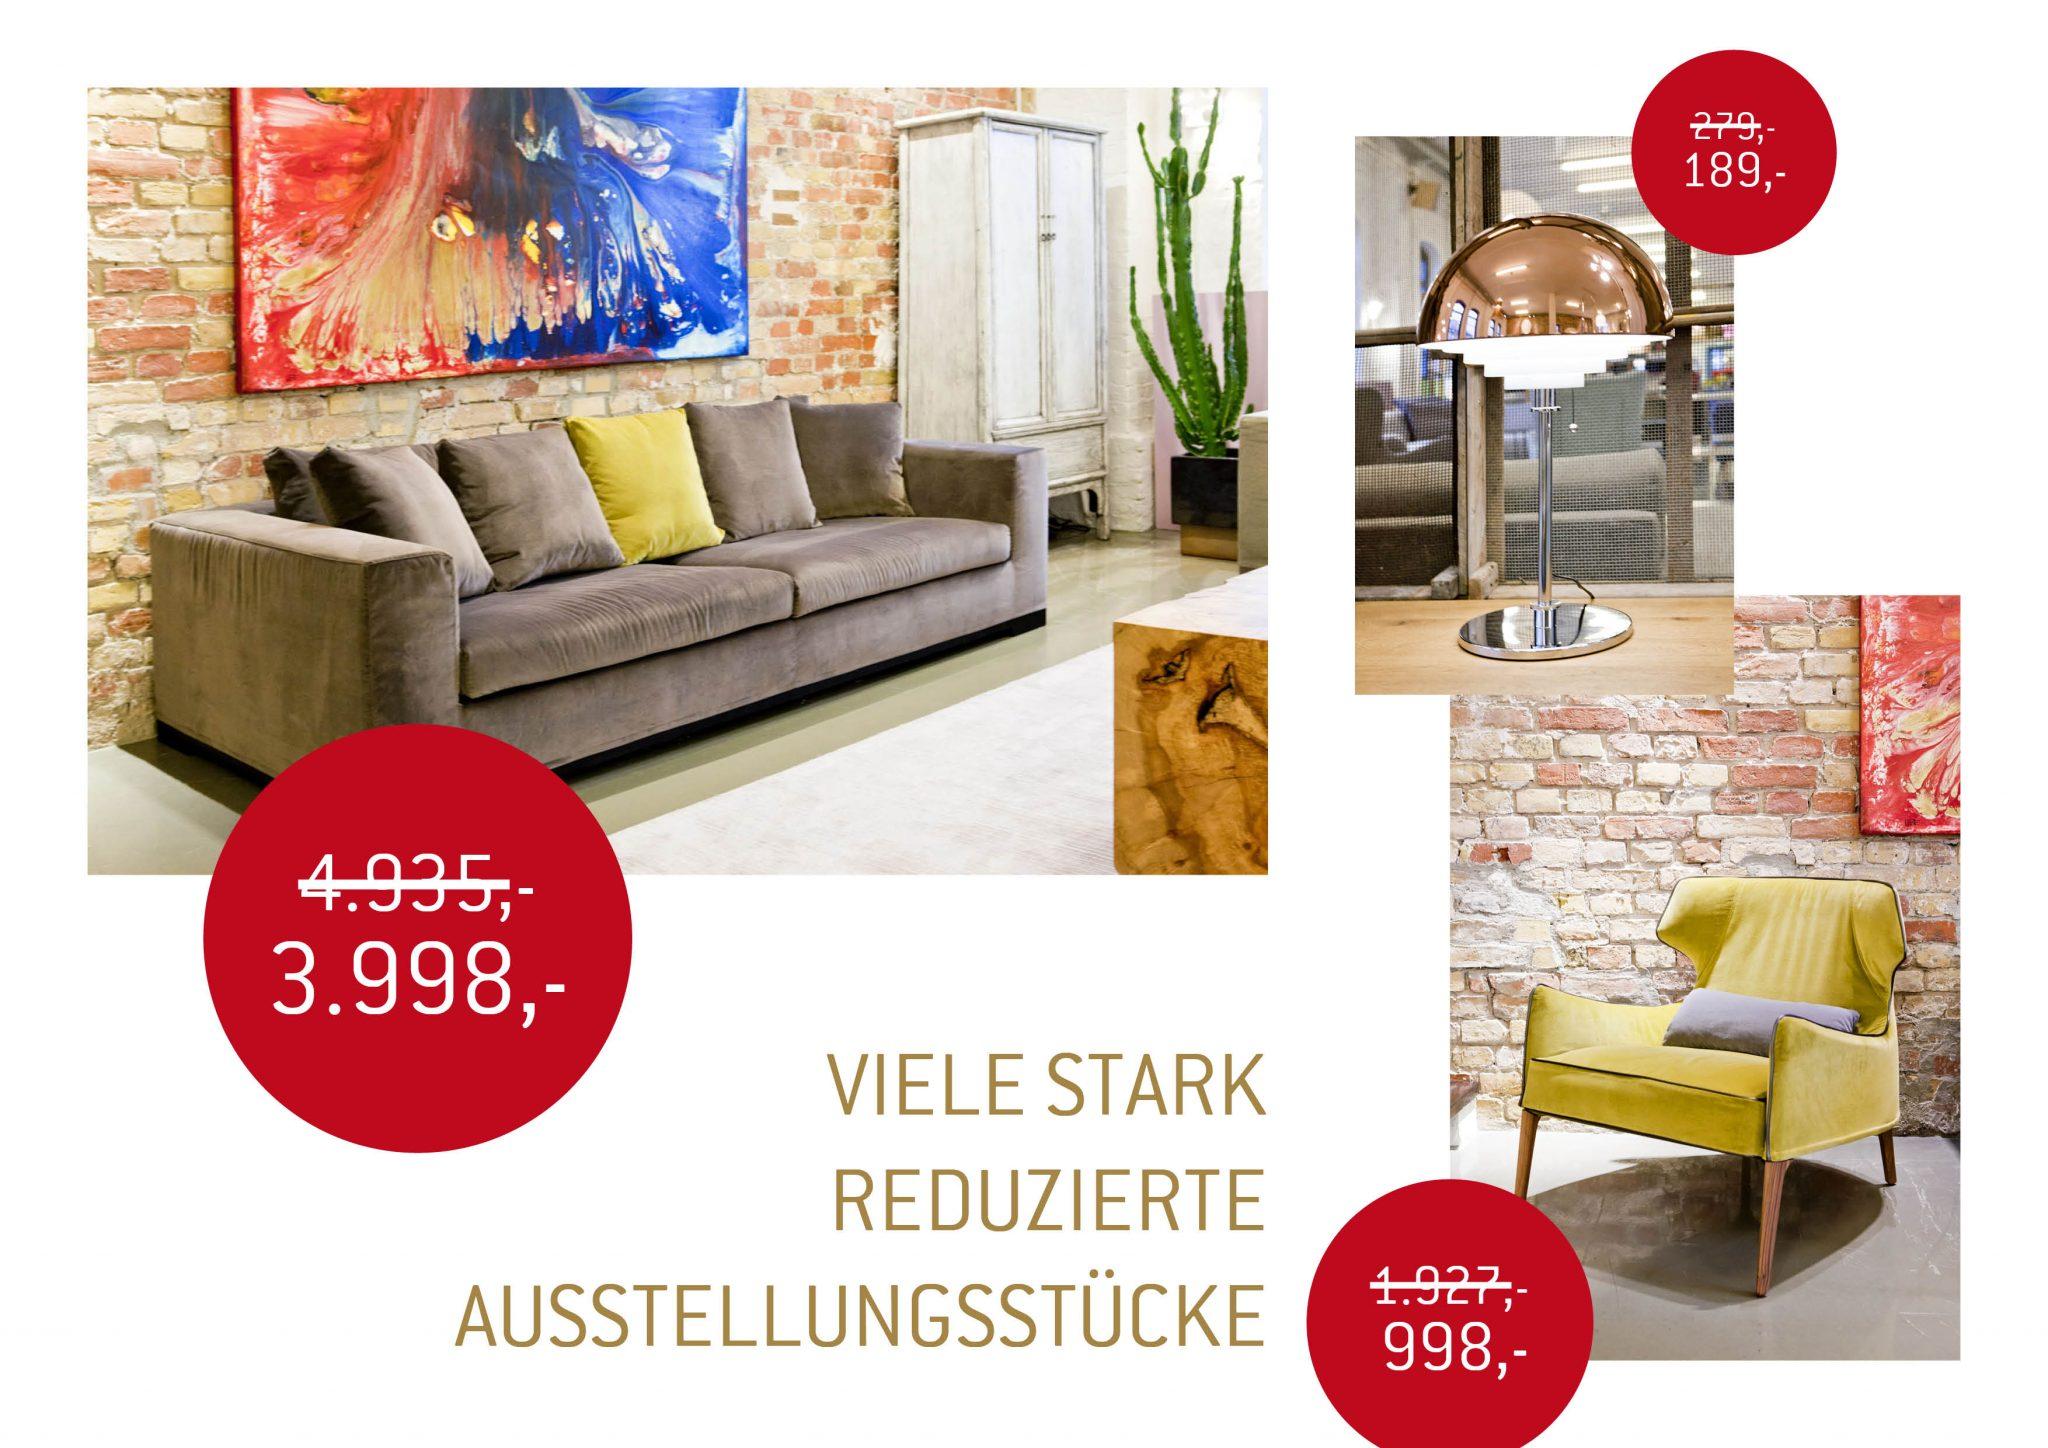 domicil m bel katalog design. Black Bedroom Furniture Sets. Home Design Ideas